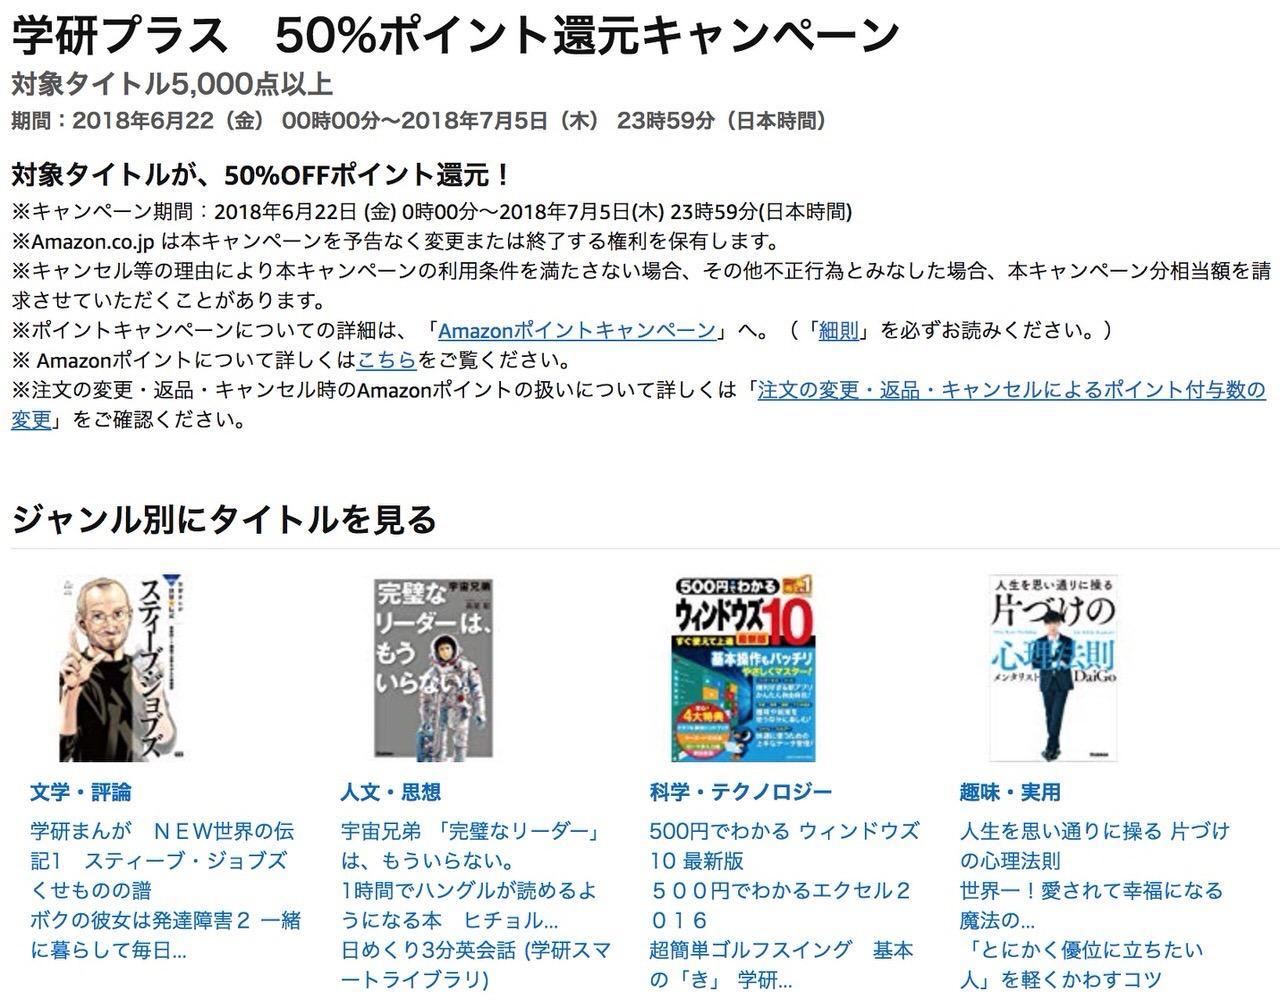 【Kindleセール】対象タイトル5,000冊以上「学研プラス 50%ポイント還元キャンペーン」(7/5まで)